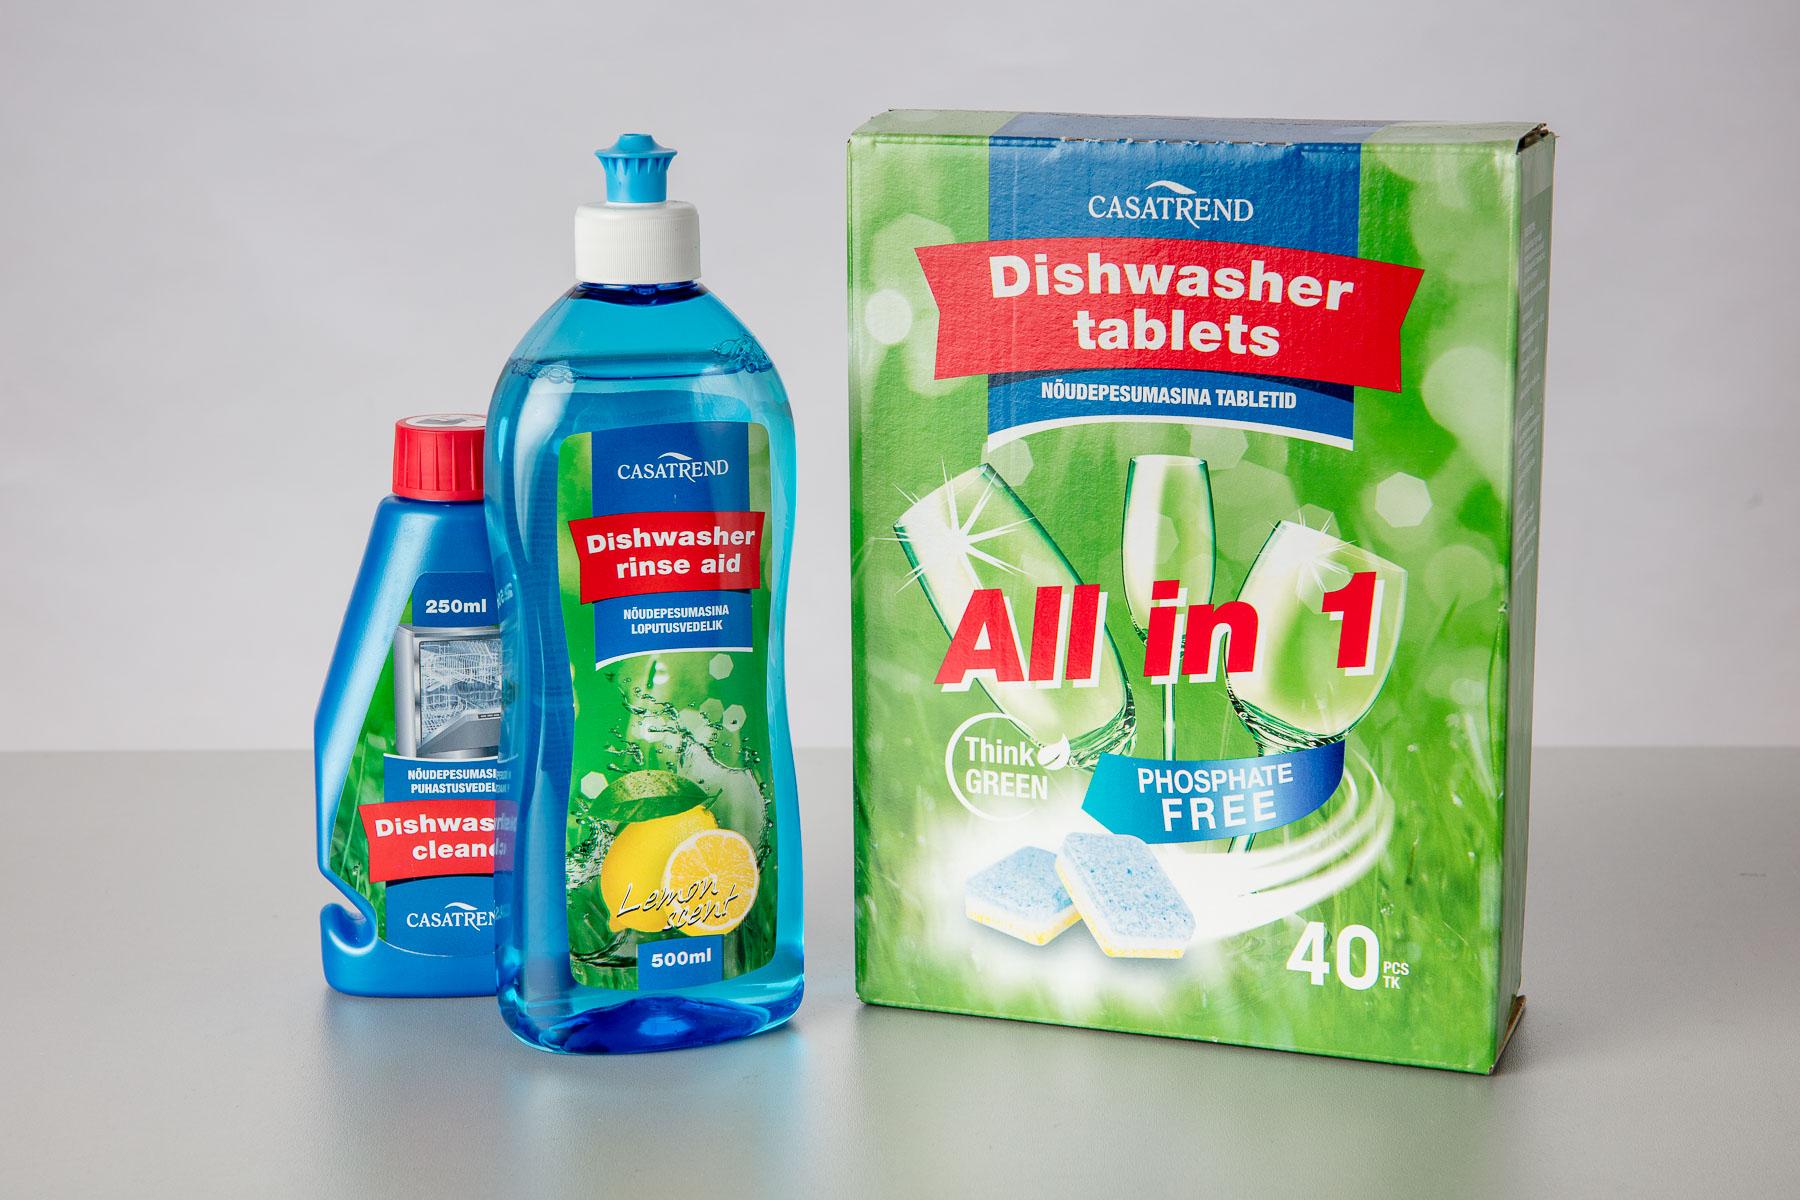 Casatrend Dishwasher tooteseeria - Ursus OÜ